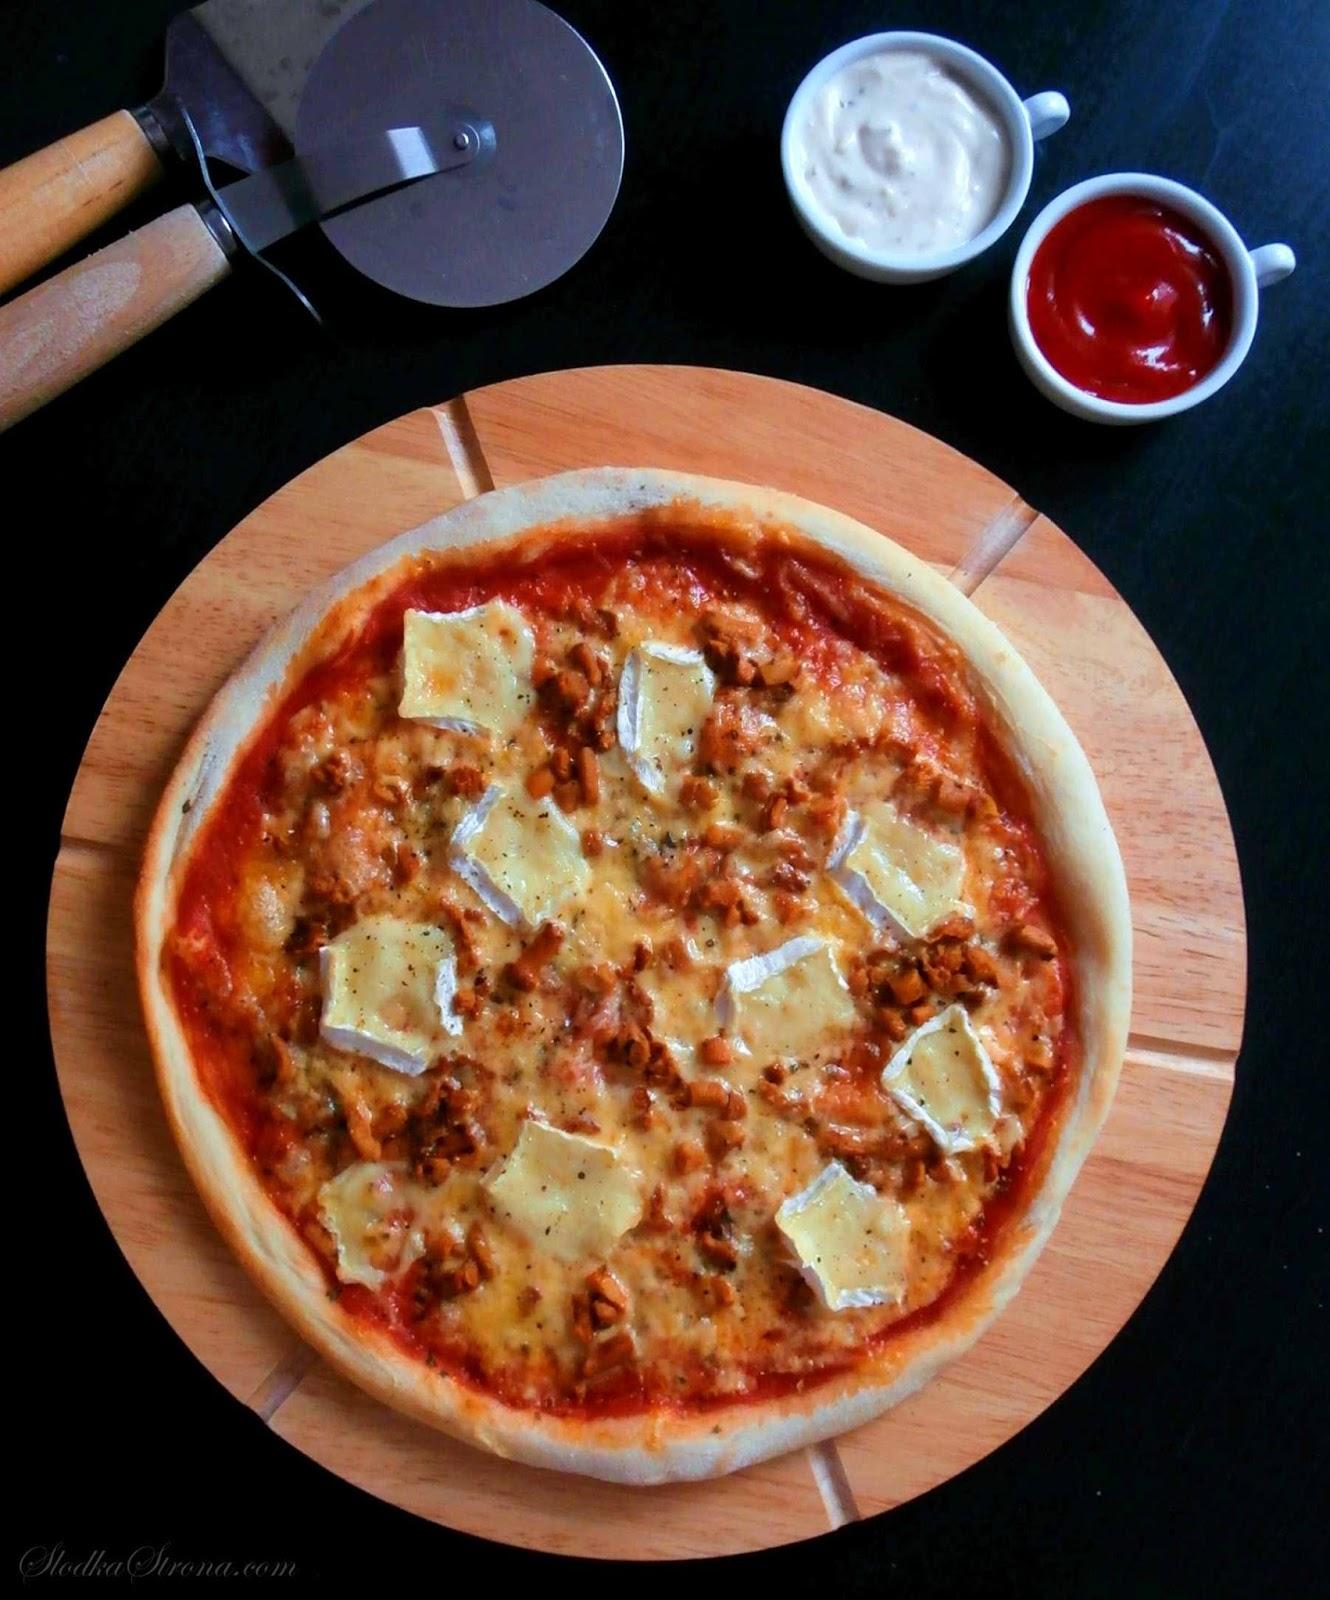 Domowa Pizza z Kurkami i Serem Brie - Przepis - Słodka Strona